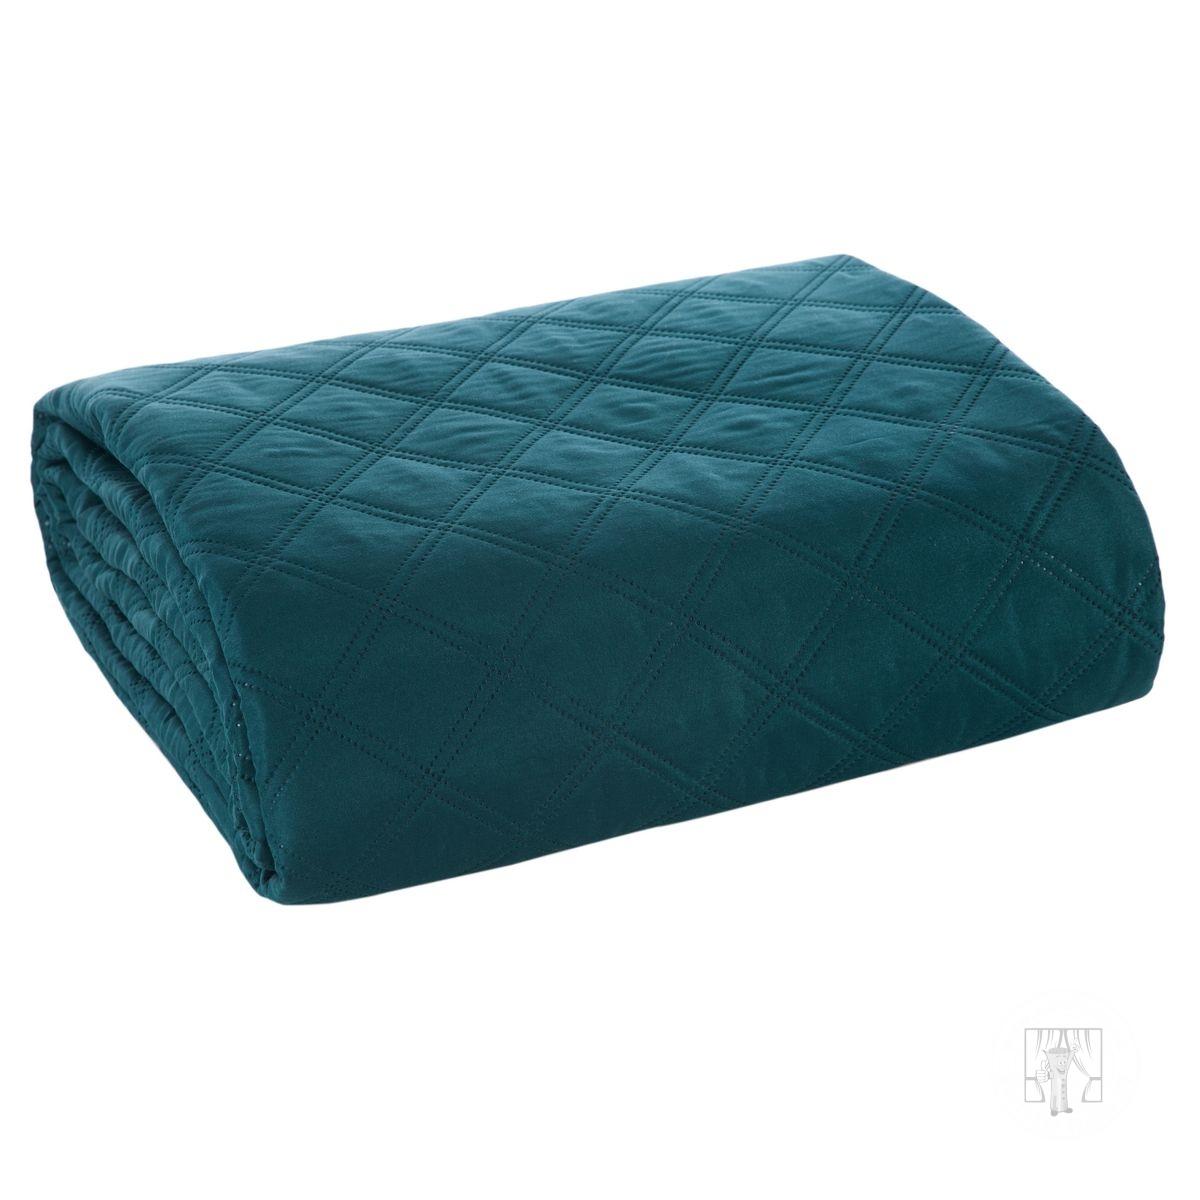 Prehoz na posteľ BONI tmavý tyrkysový